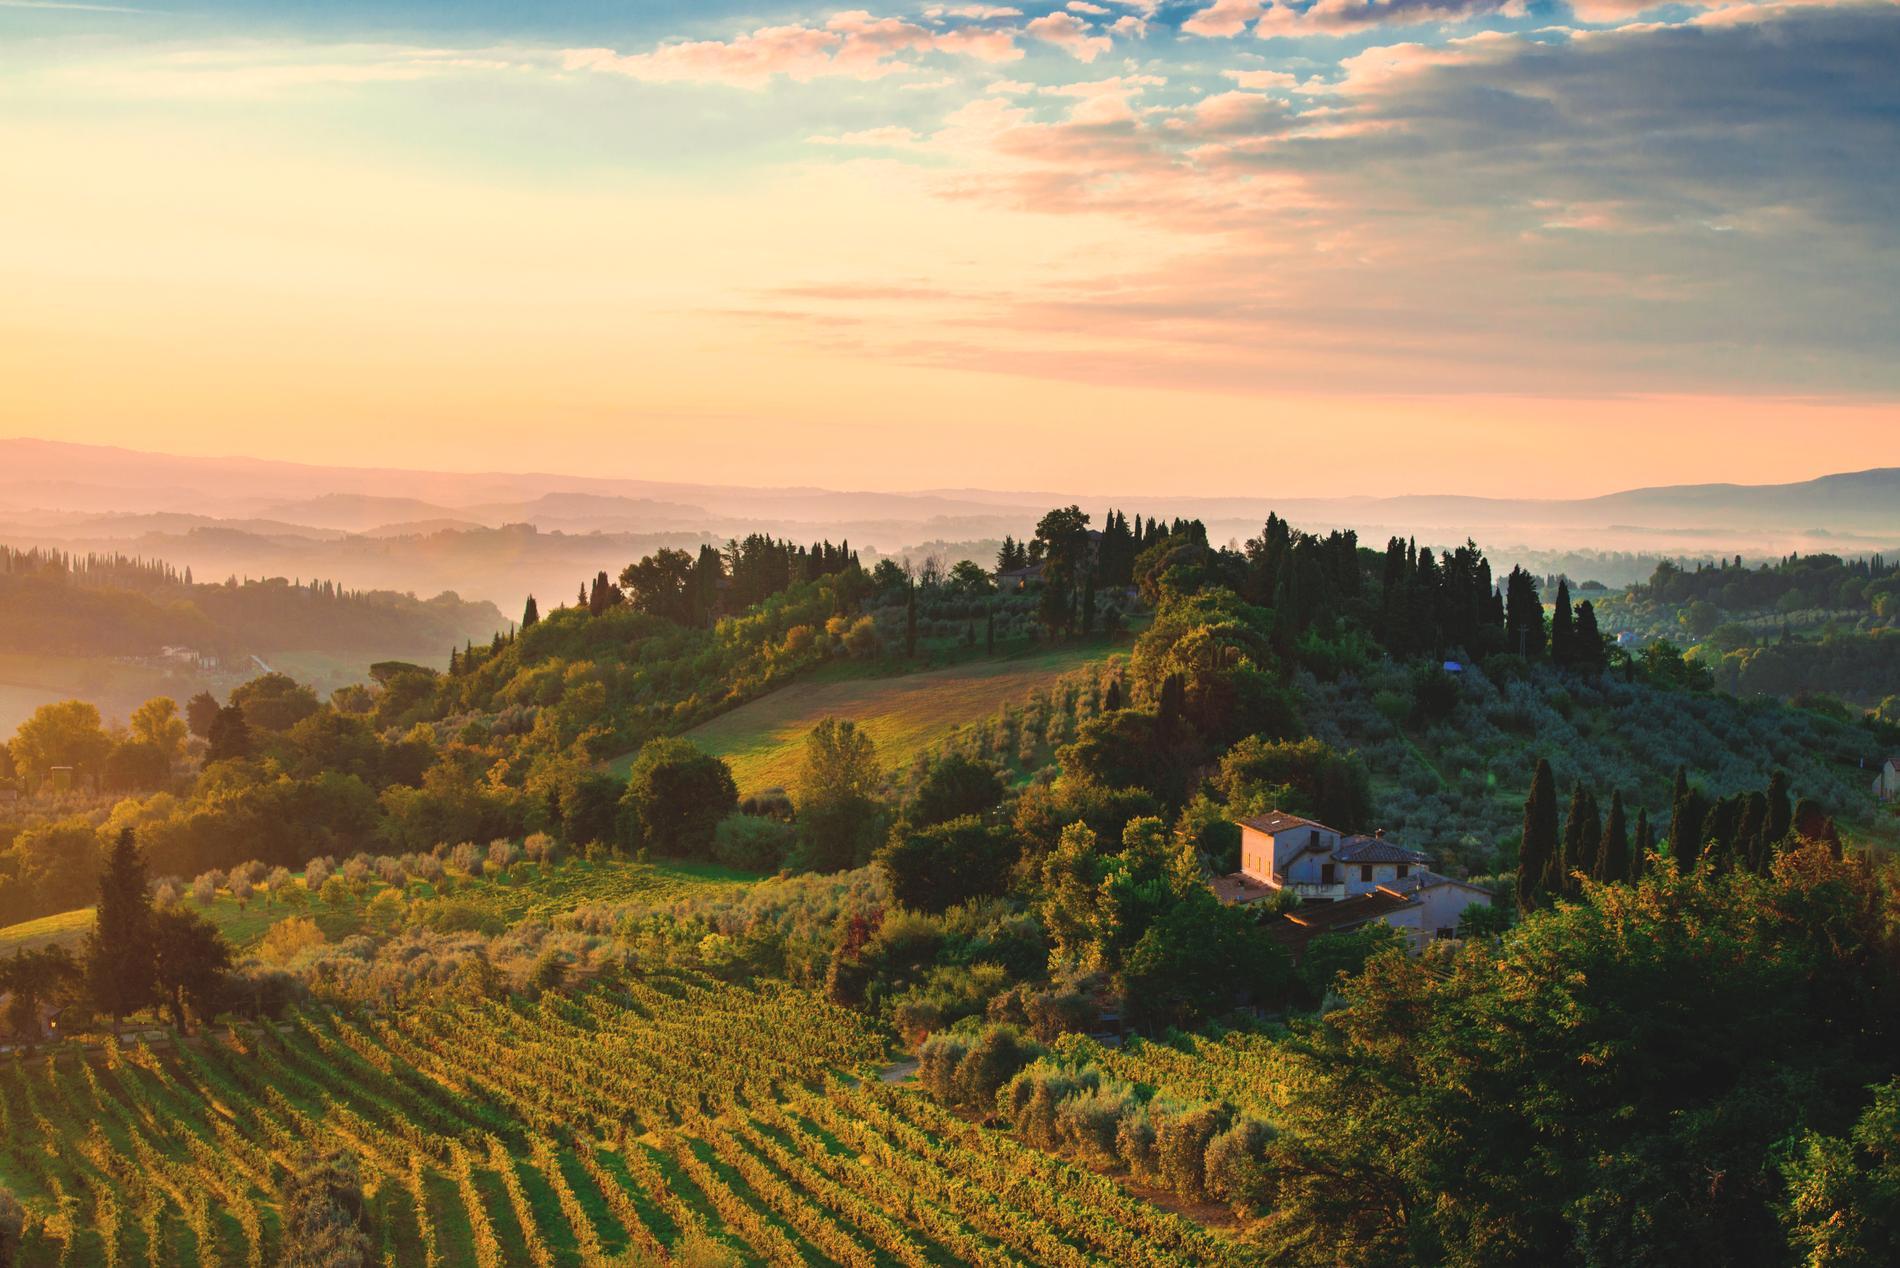 I Toscana hittar filmens huvudroll vänner och kärlek.